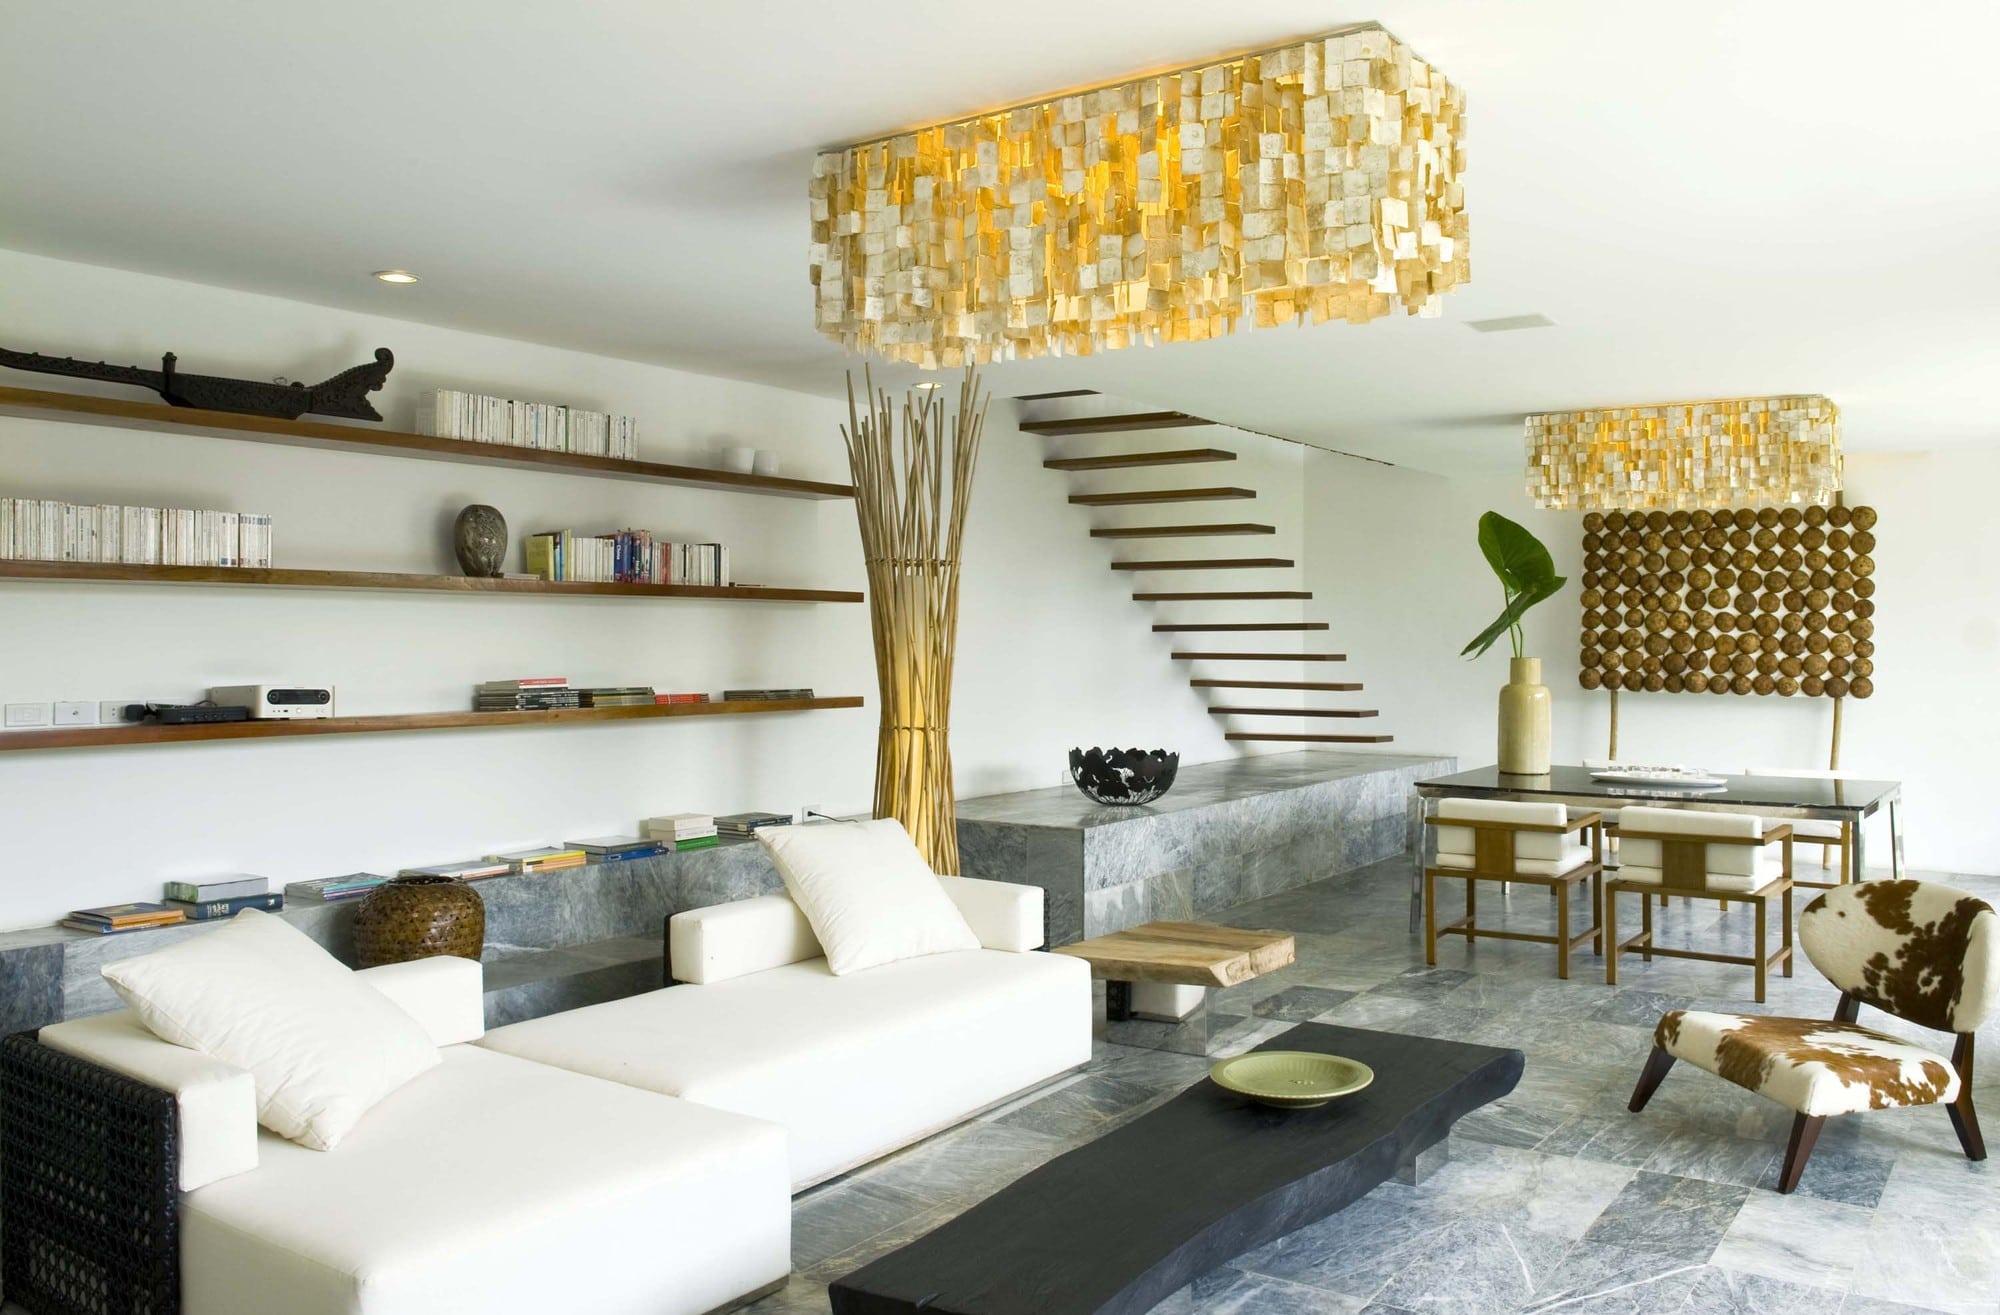 Dise o de casa r stica fachada interiores y planos for Diseno y decoracion de casas